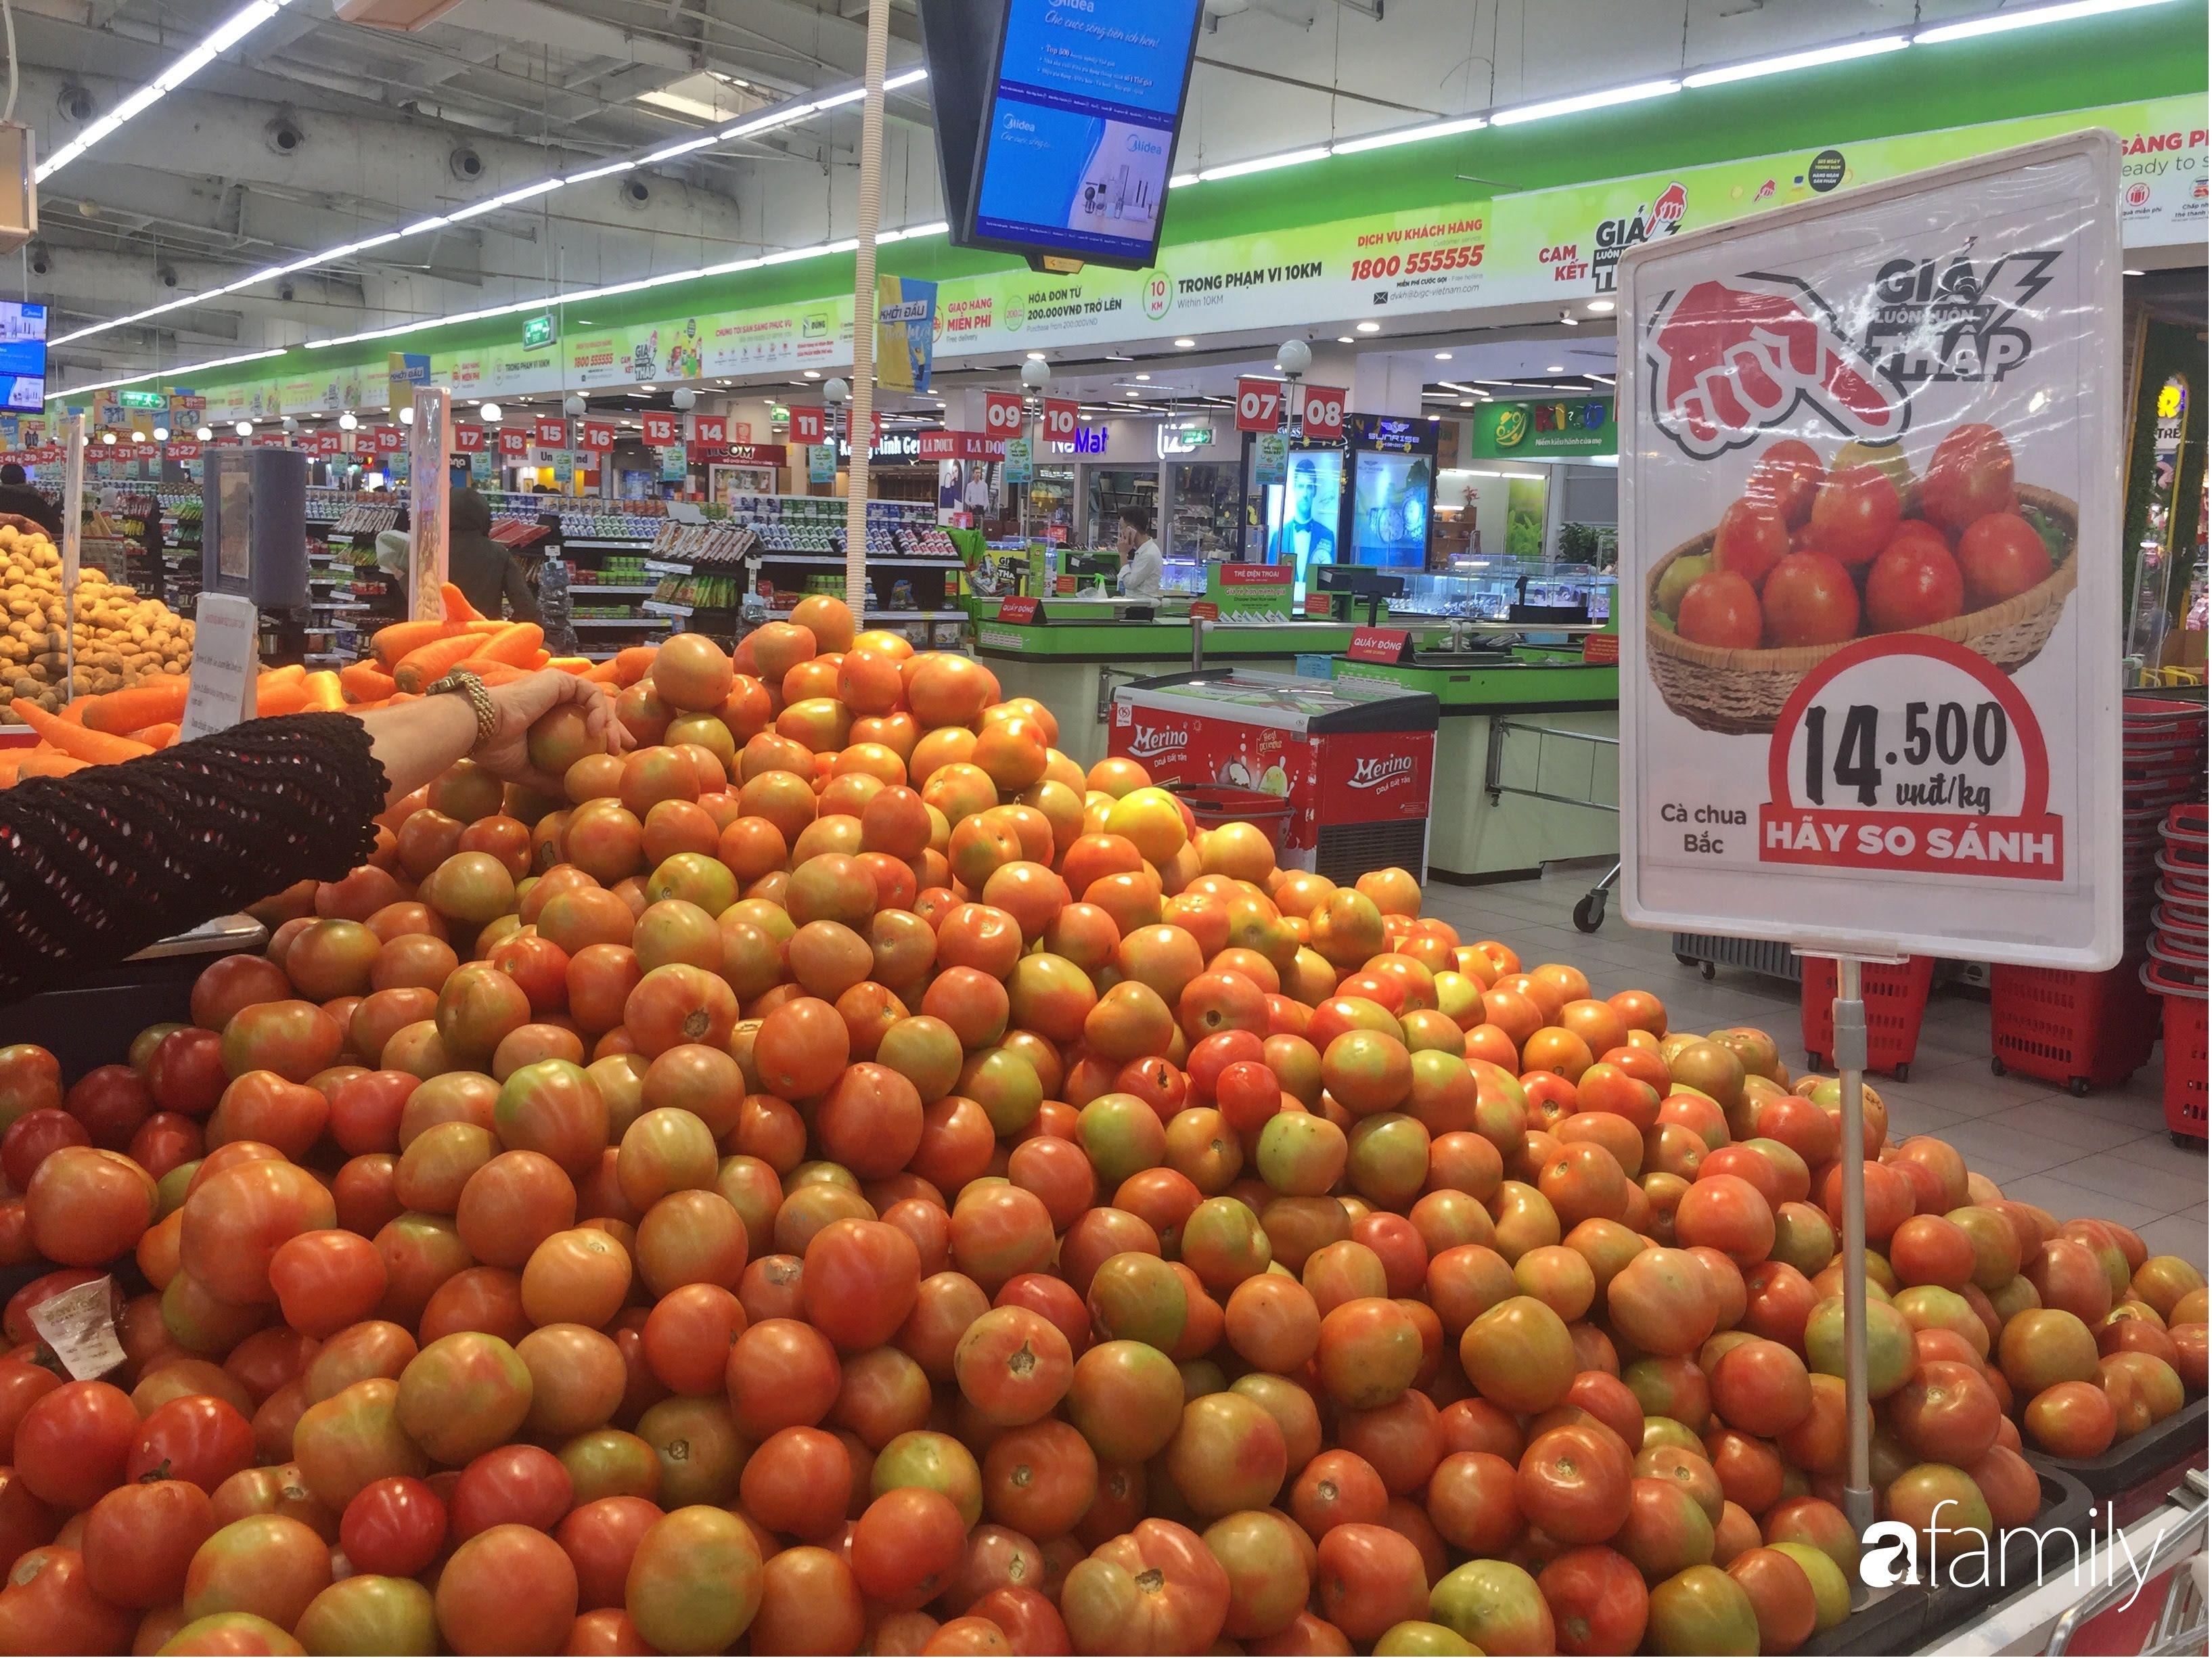 Giá ho quả trong siêu thị rẻ gấp 3 lần so với thời điểm trước Tết, dư hấu còn 6.700 đồng/kg - Ảnh 12.